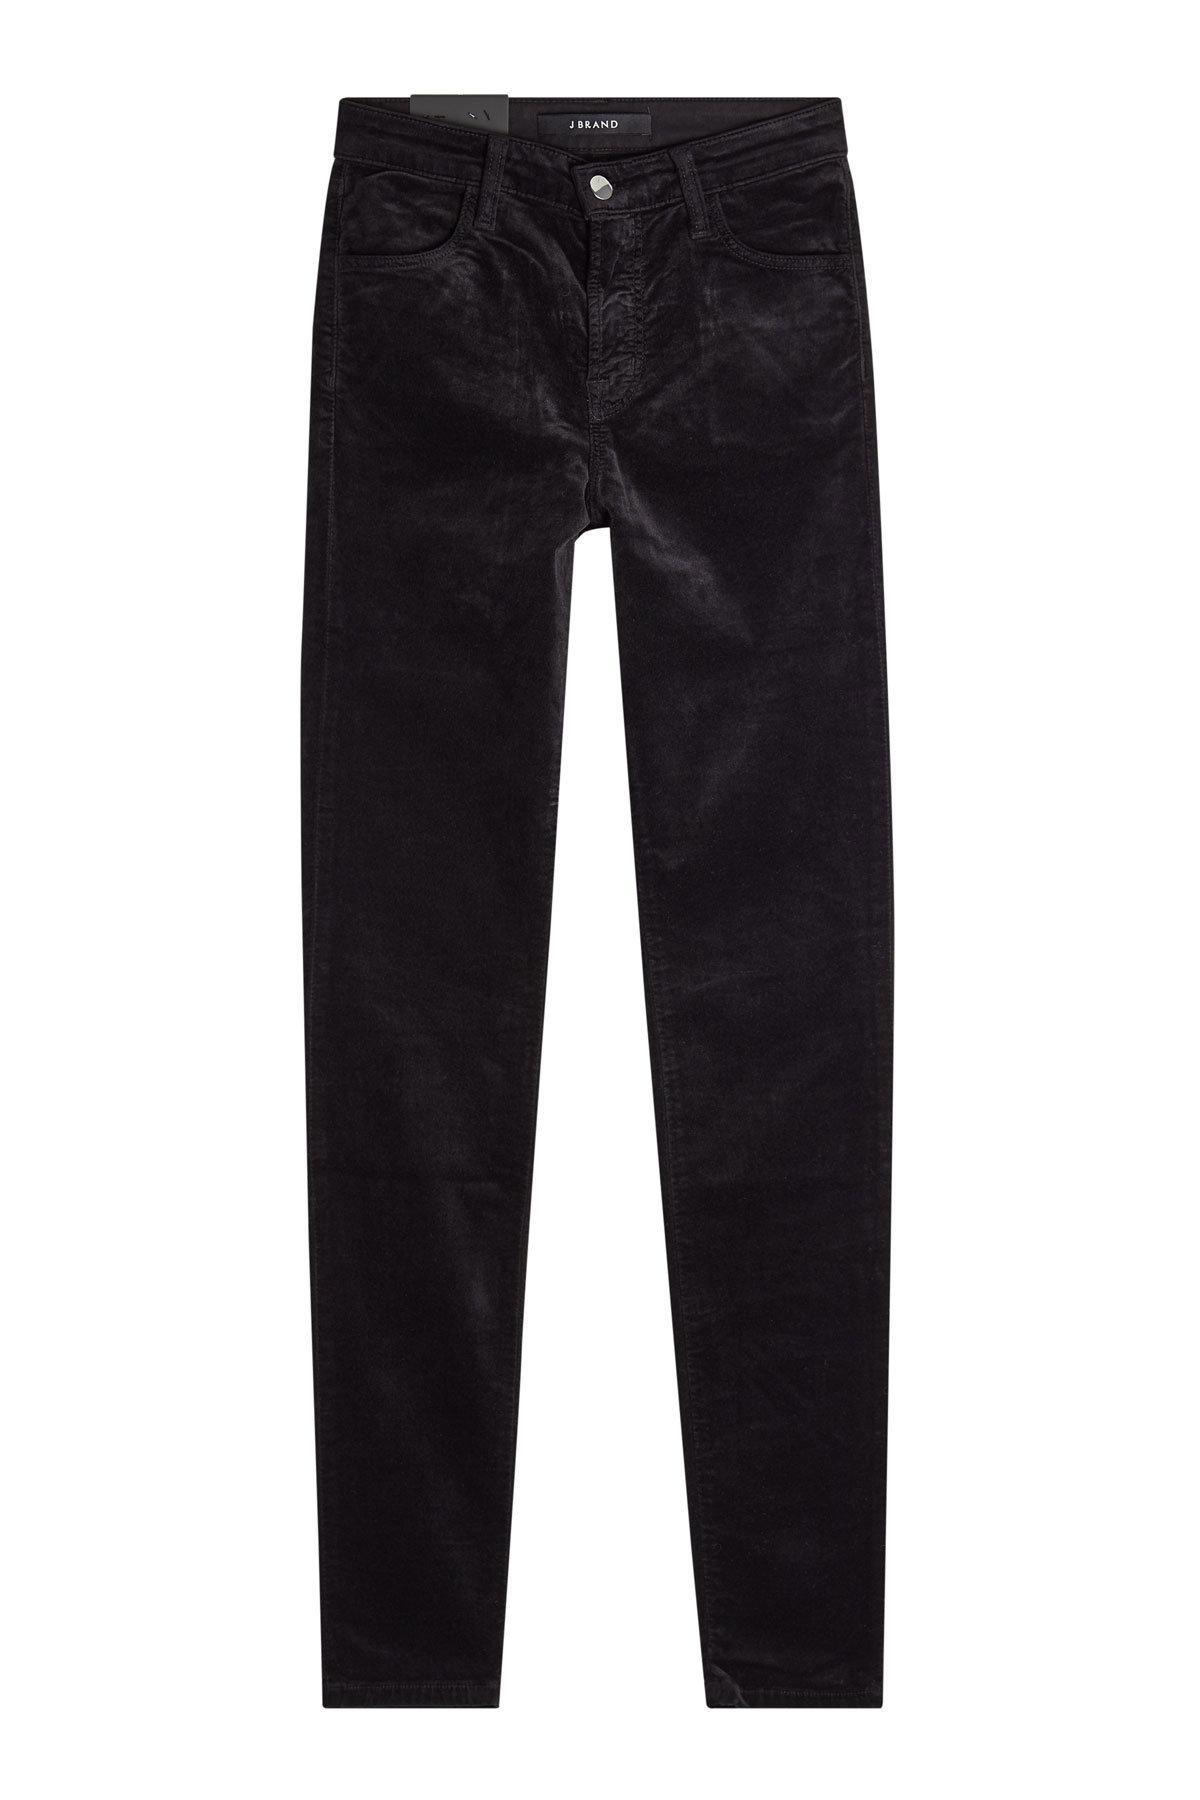 J Brand Velvet Skinny Pants In Black